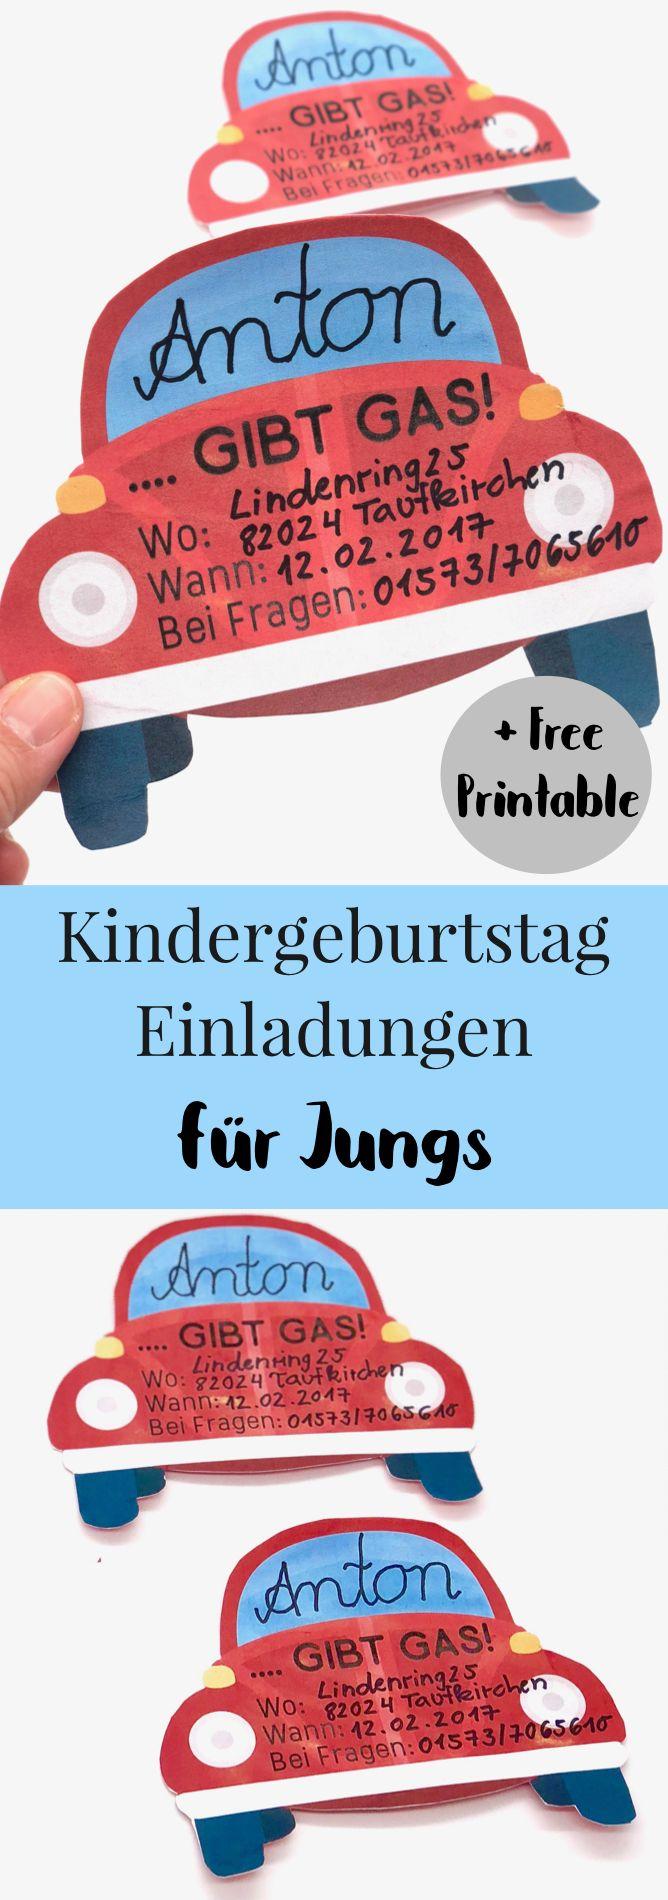 Großartig Vertragsvorlage Buchen Zeitgenössisch - Beispiel Business ...